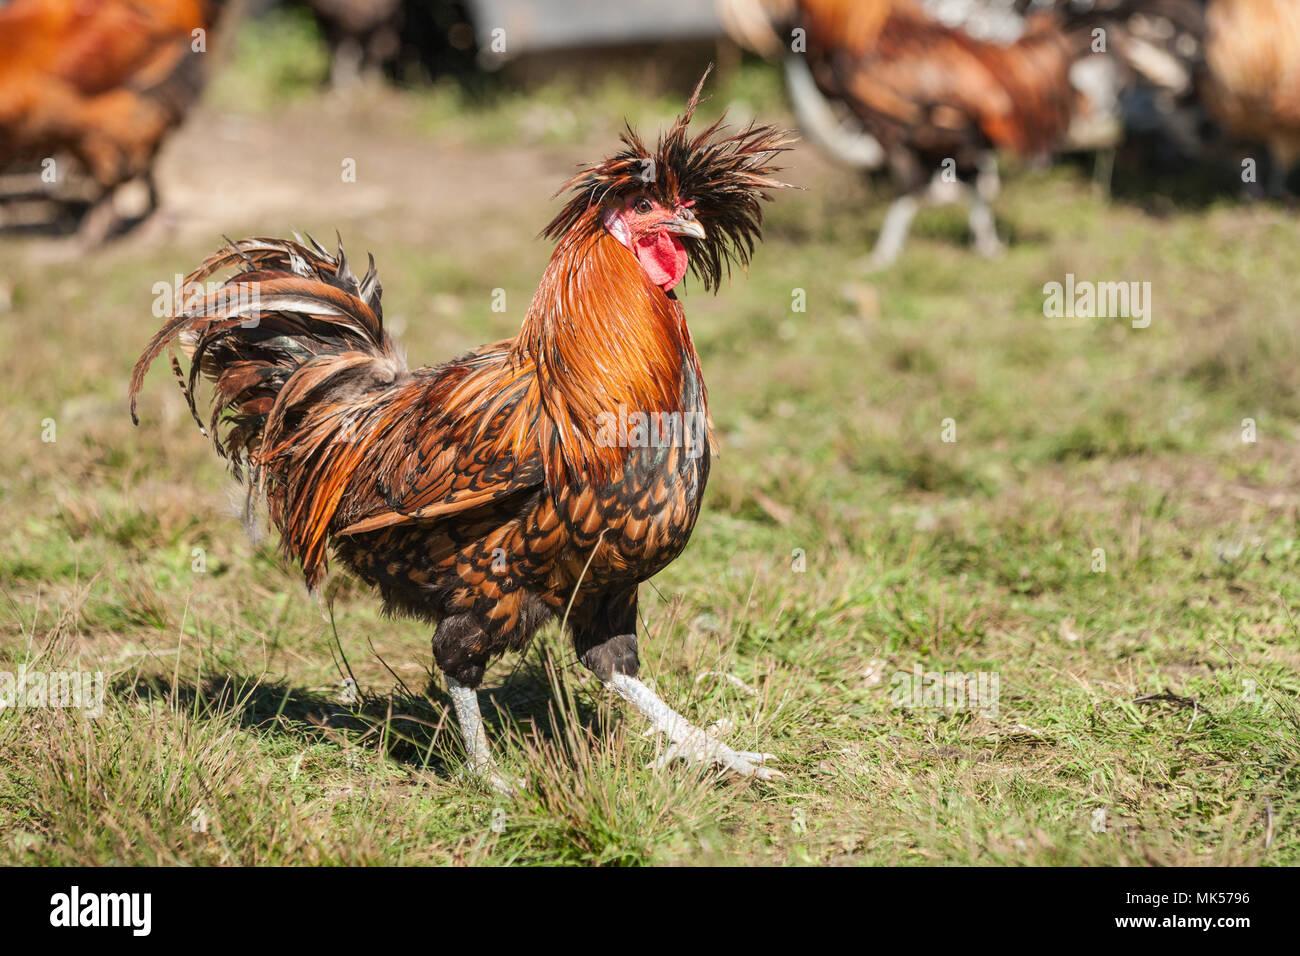 Garofano, Washington, Stati Uniti d'America. Golden cucita polacco strutting rooster attraverso il prato. (PR) Immagini Stock